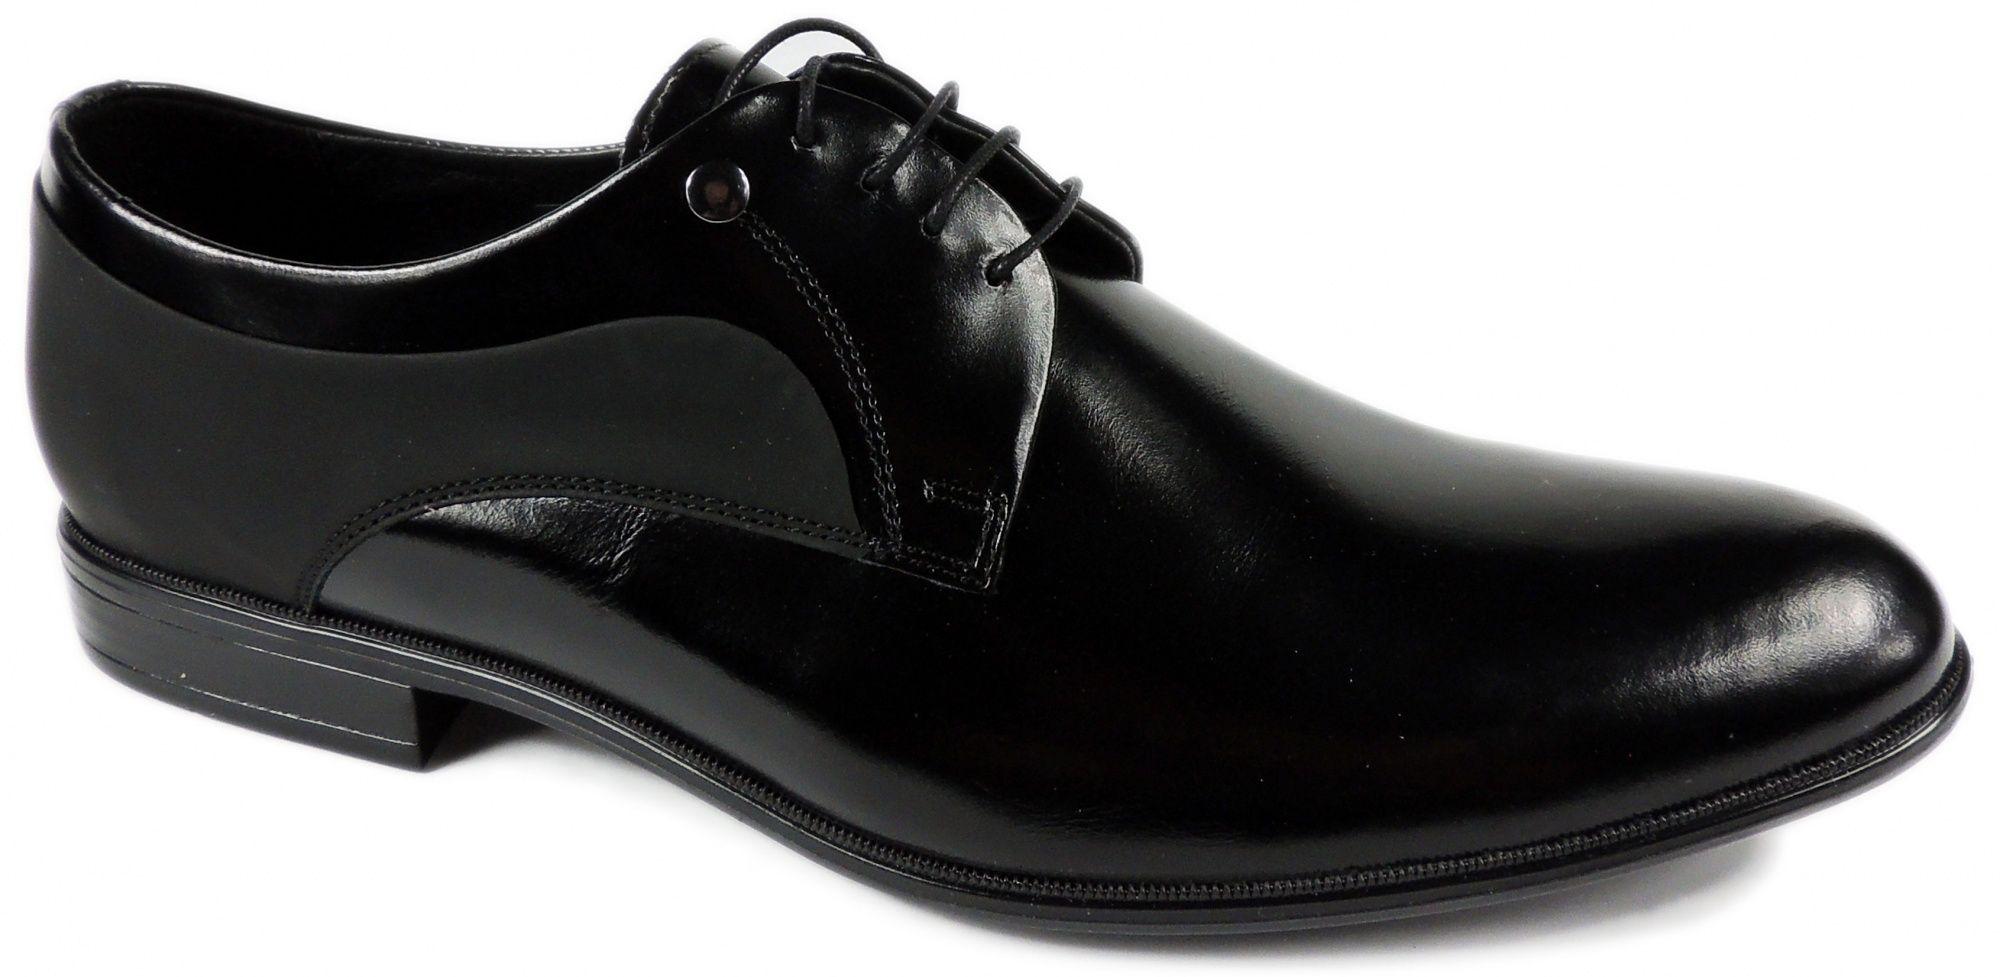 Polbuty 1750356m Wizytowe Intershoe Com Pl Dress Shoes Men Oxford Shoes Dress Shoes